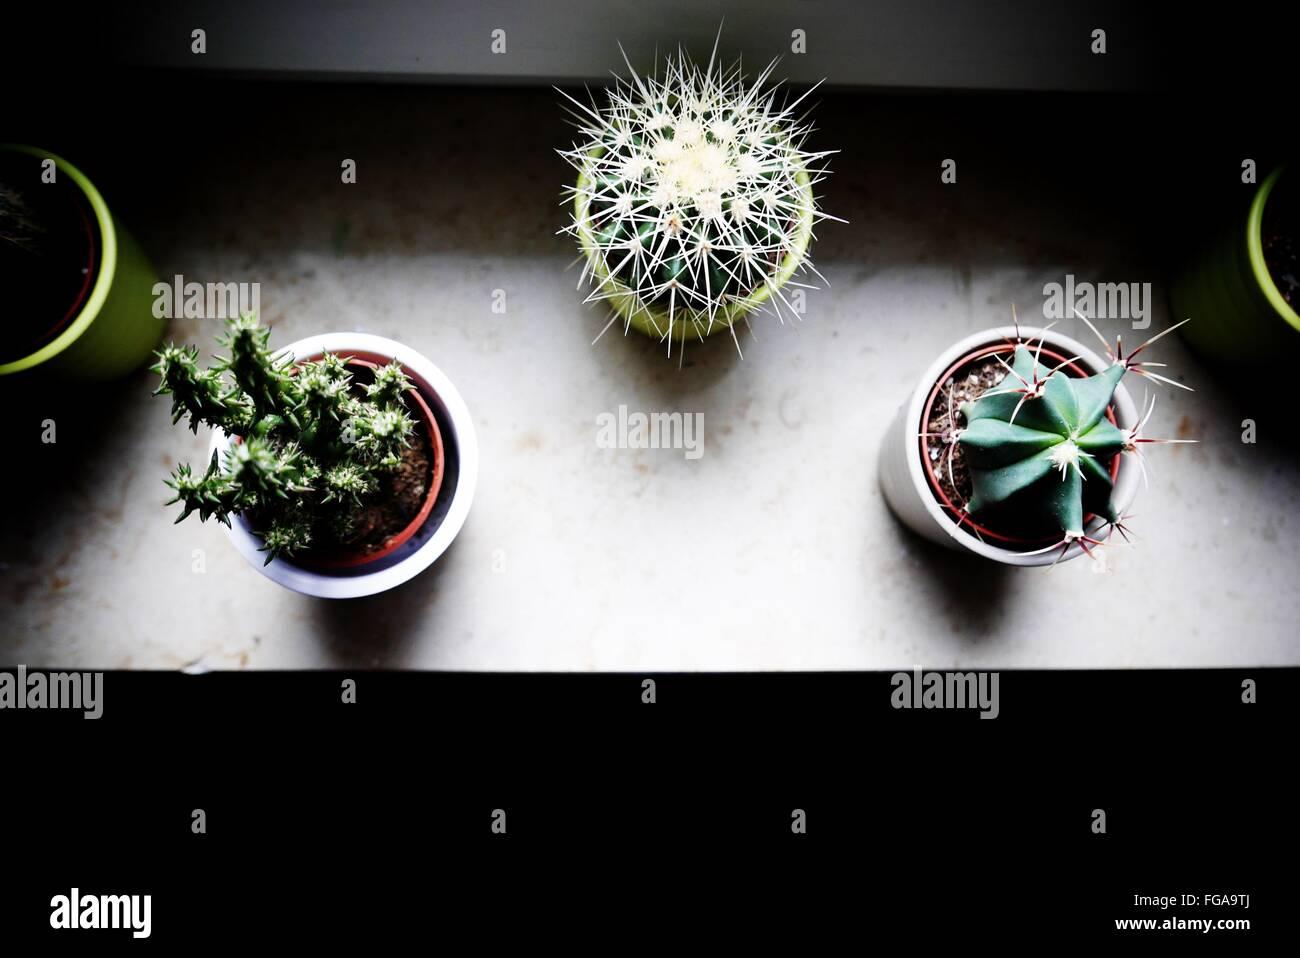 Un alto ángulo de visualización de plantas en macetas en el alféizar de la ventana en casa Imagen De Stock